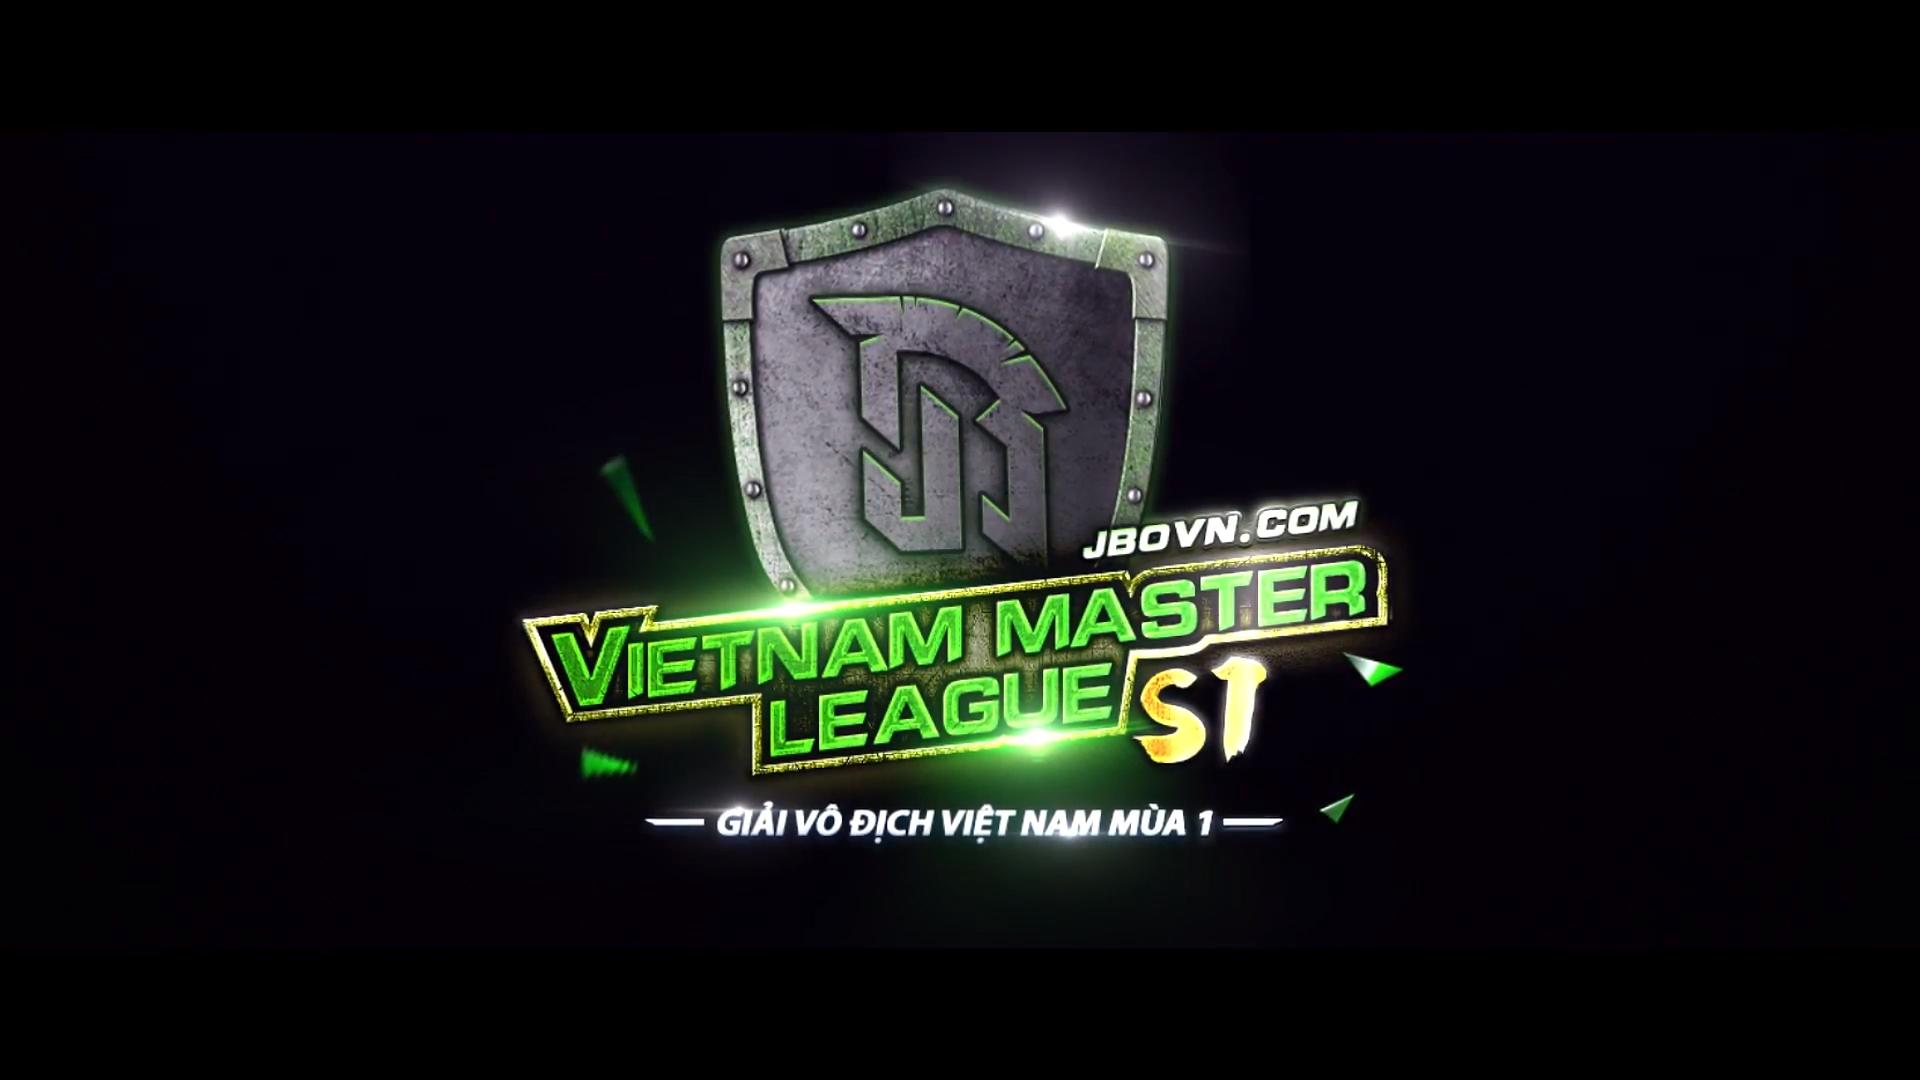 vietnam master league s1 - Hé lộ một giải đấu Dota 2 với quy mô ngang tầm ESL Vietnam